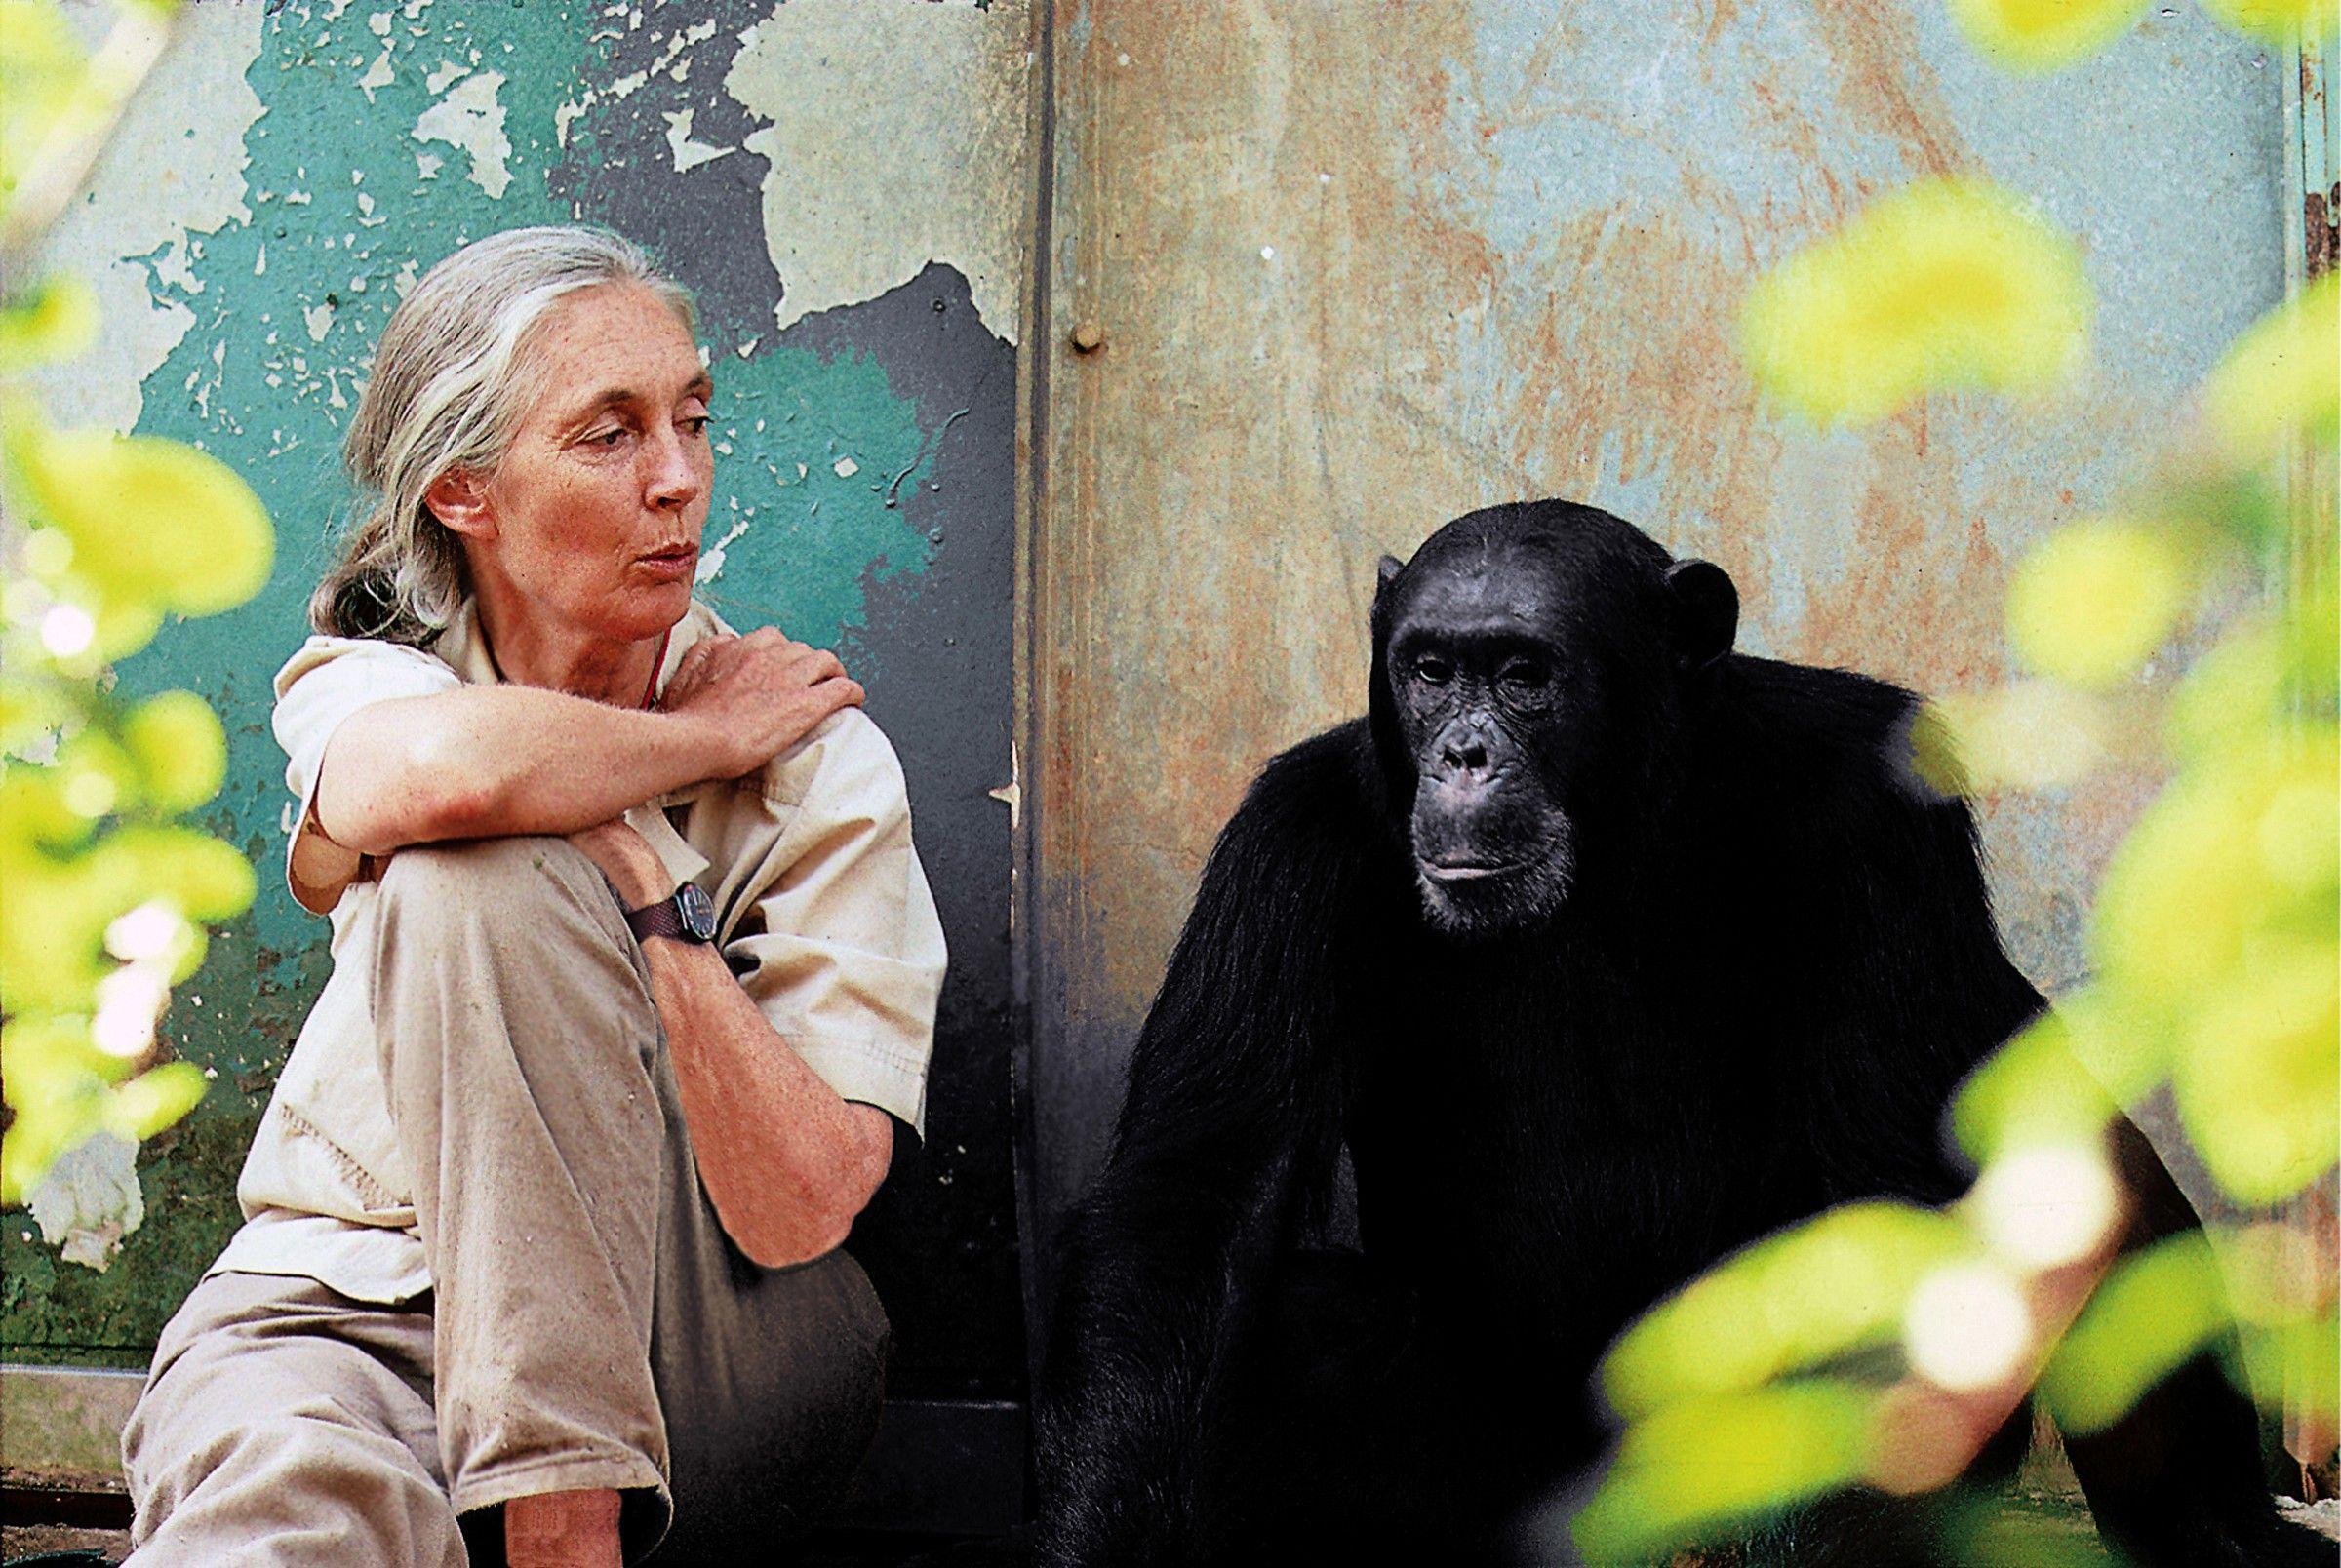 Forscherlegende Jane Goodall: Jeder kann die Welt verändern | National Geographic